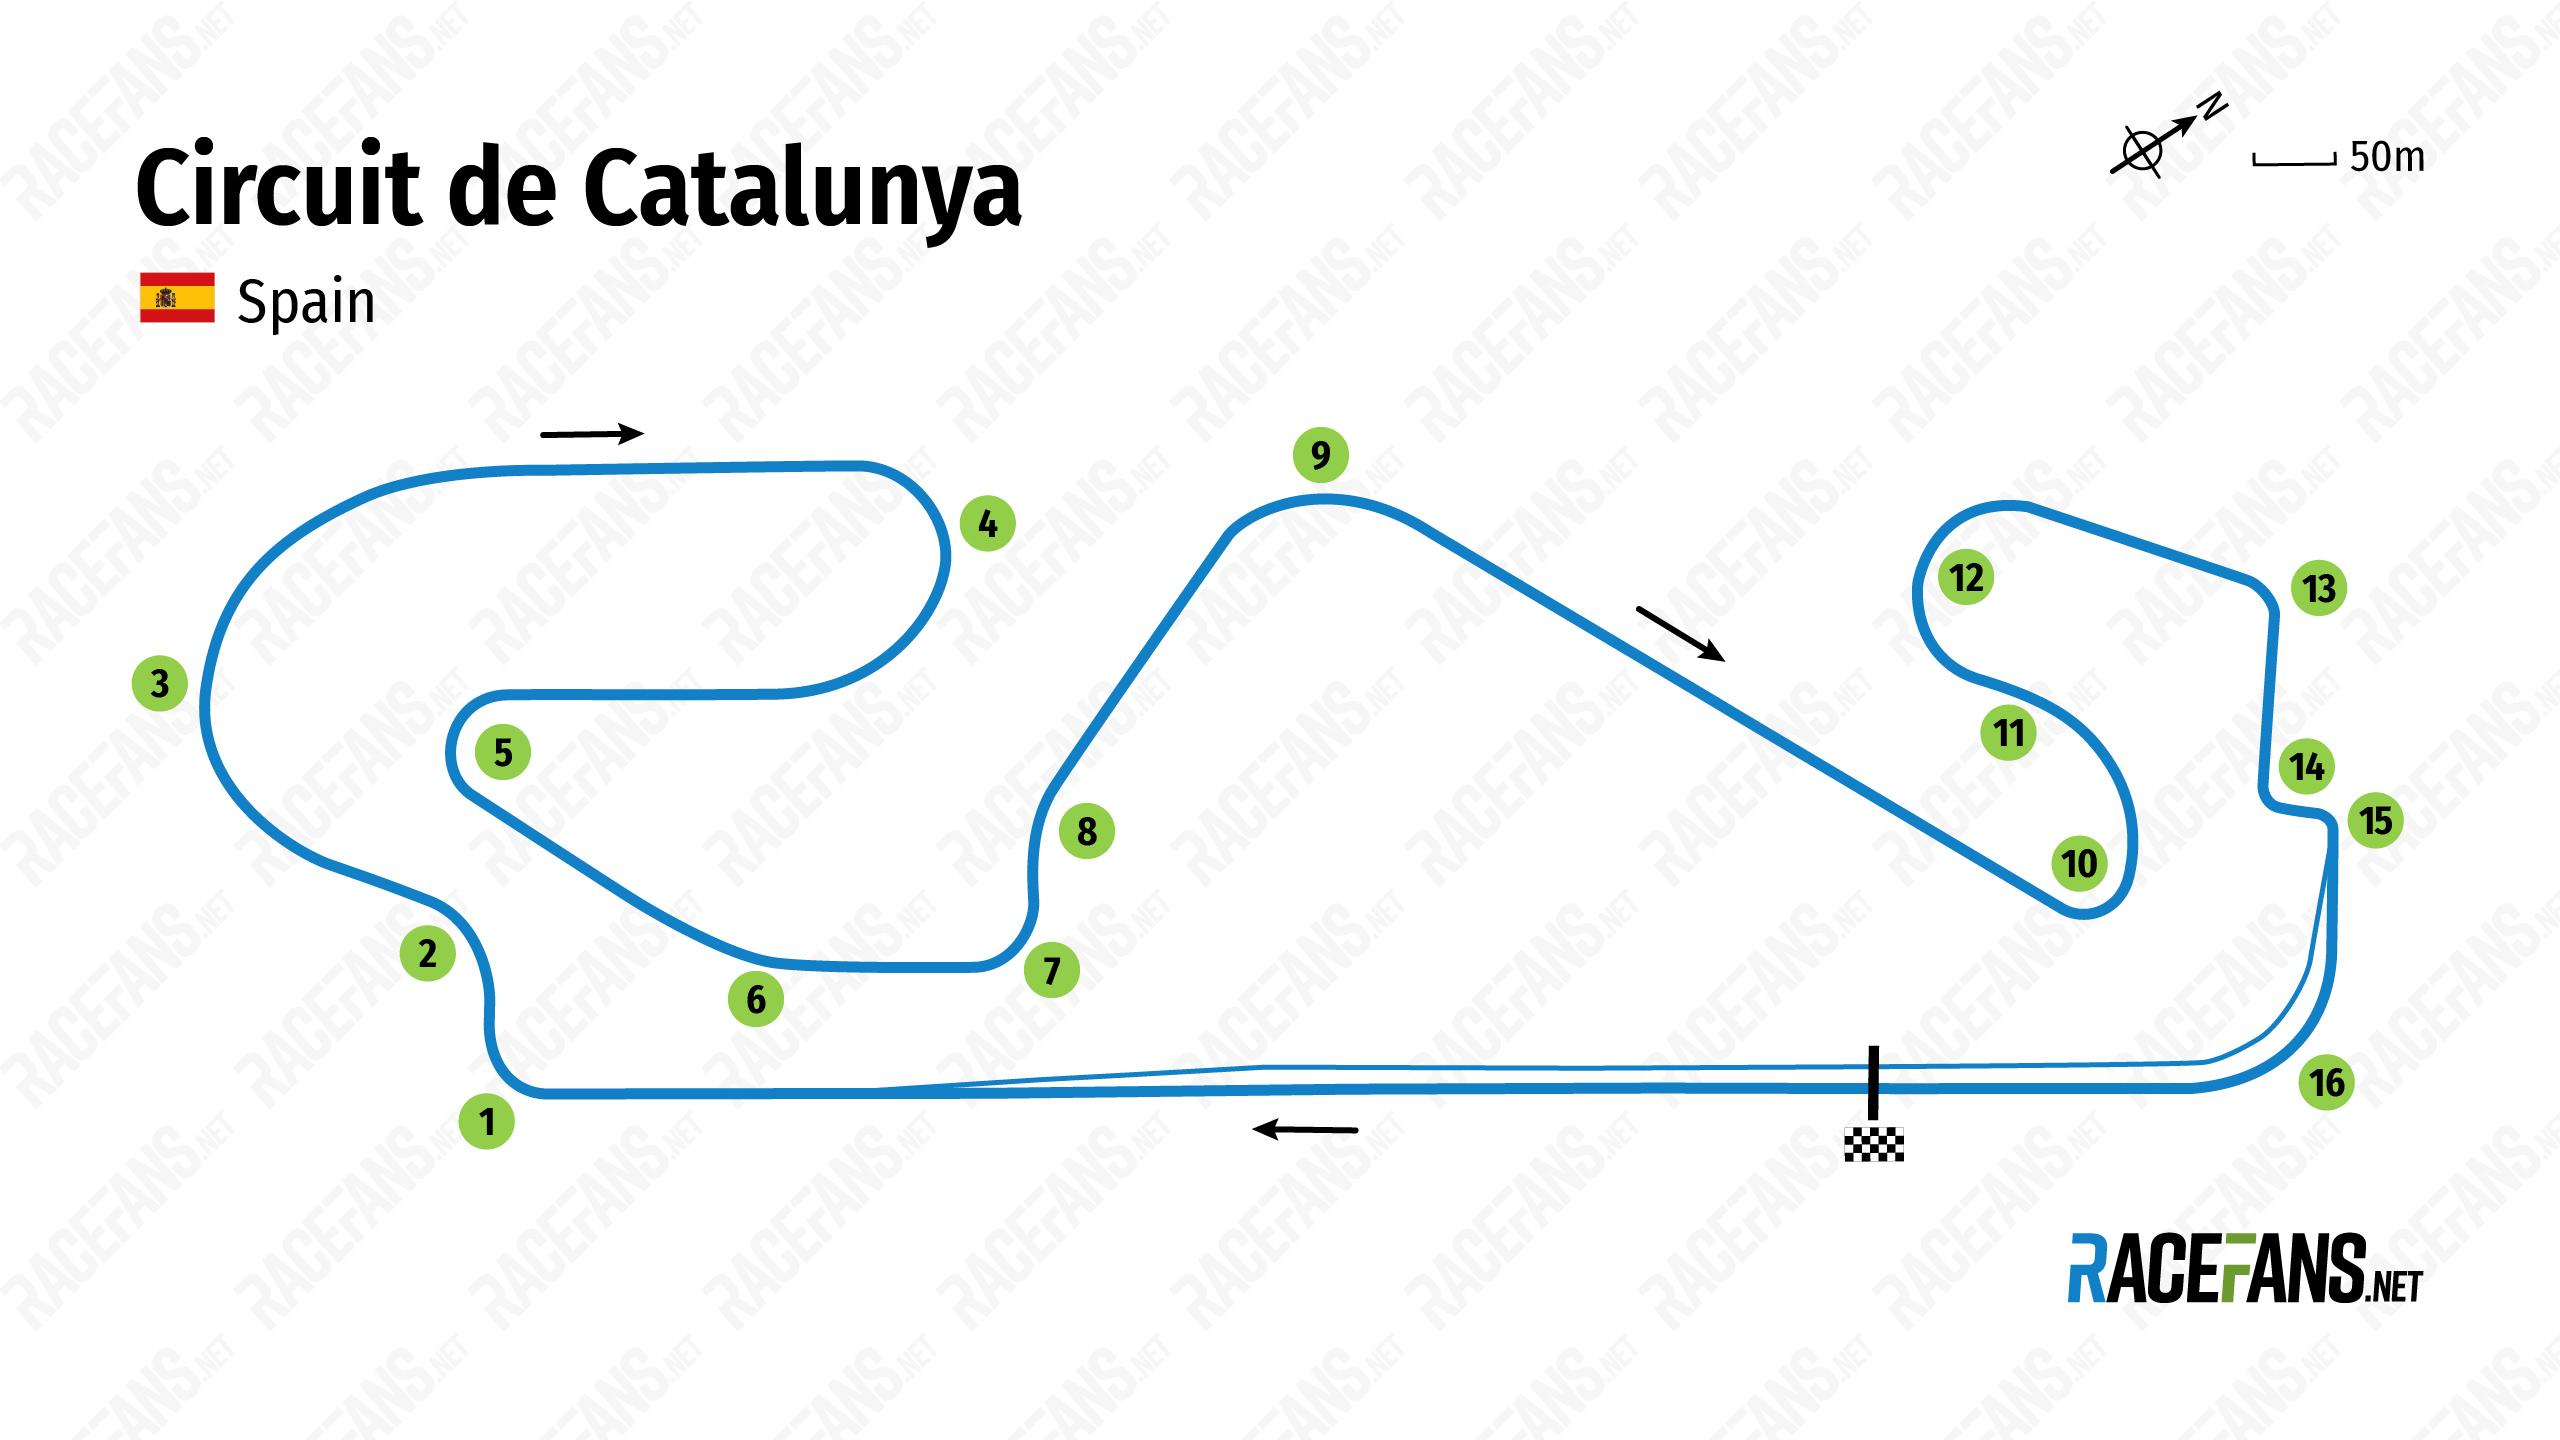 Circuit de Catalunya track map, 2021